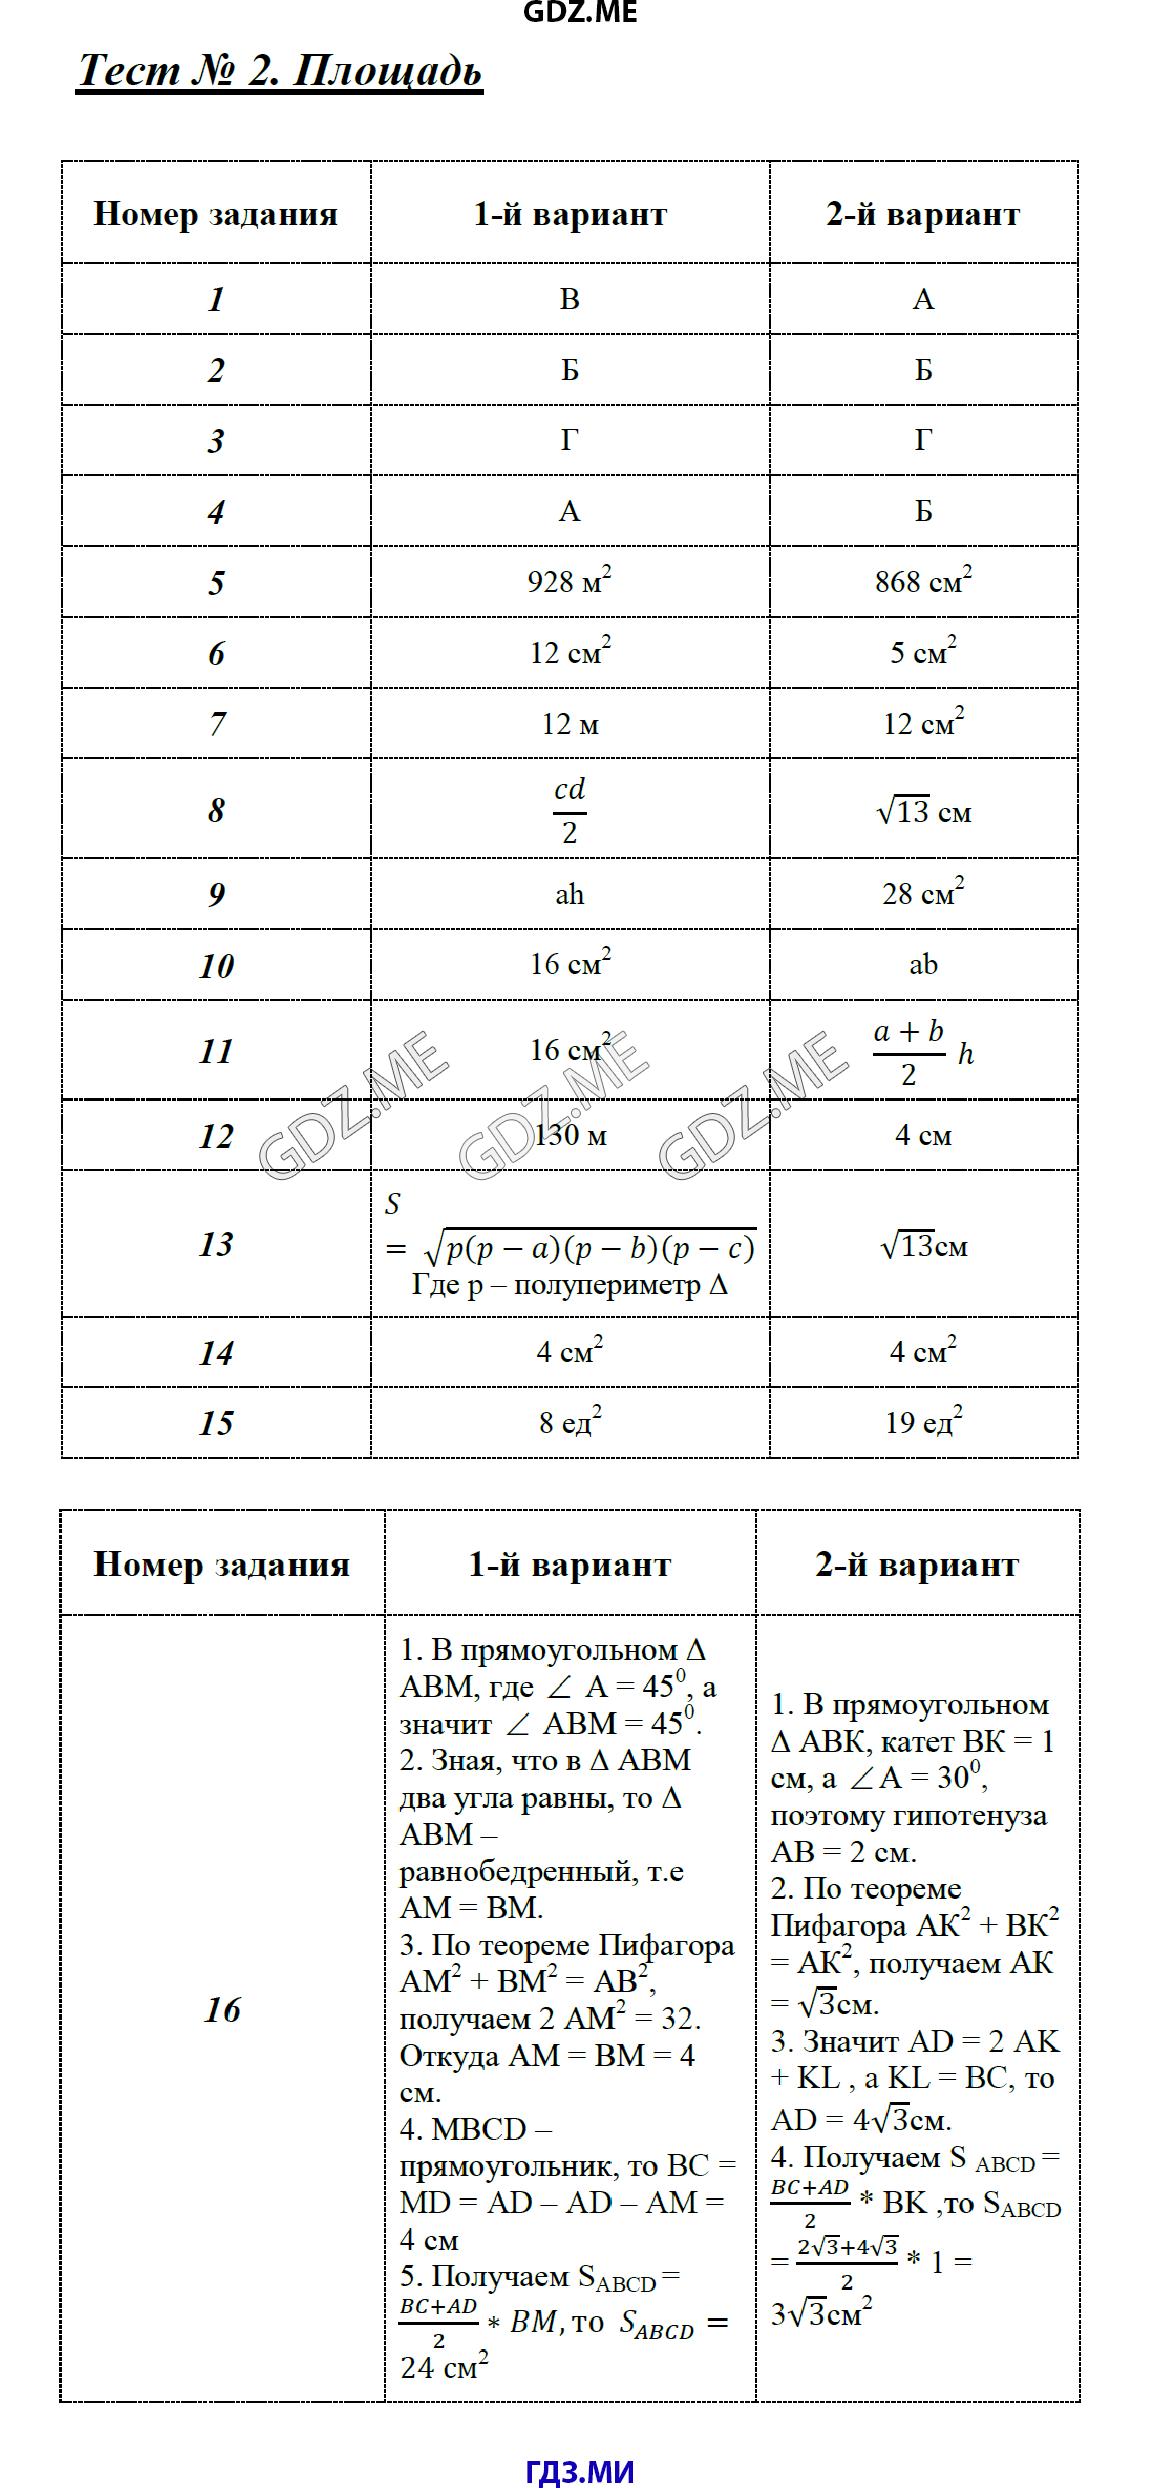 геометрии тест по решебник